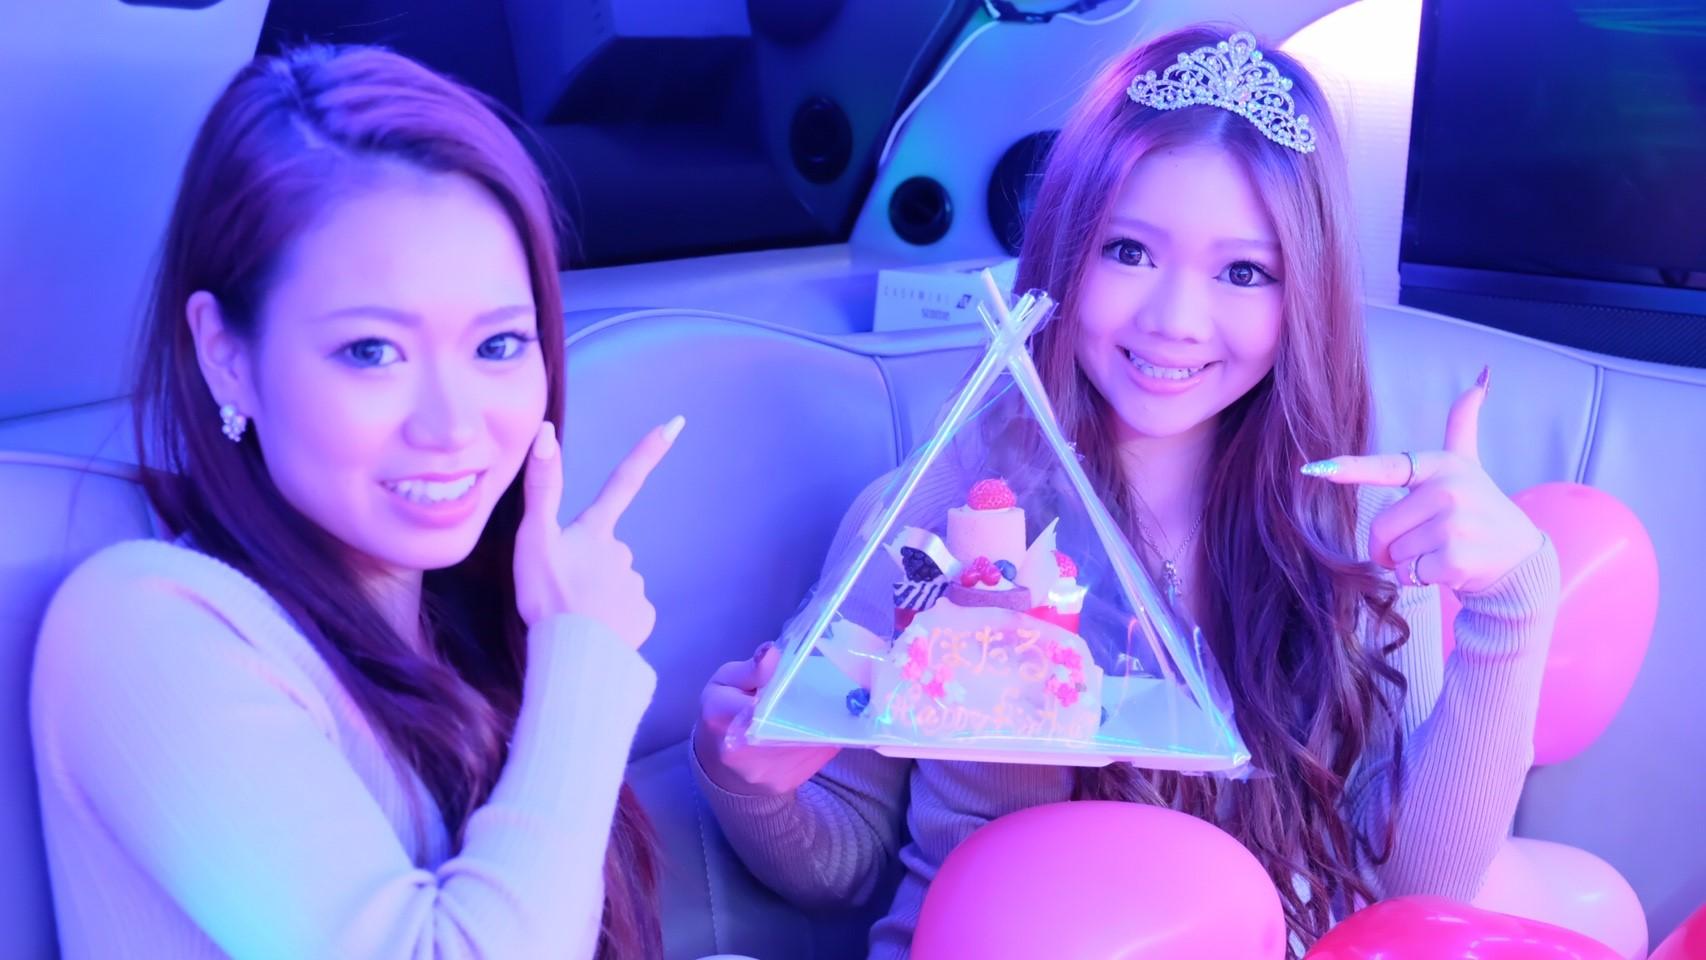 東京でリムジンパーティー誕生日・リムジン誕生日をするならお任せ下さい。バースデーケーキも付いてるのでお得に楽しめるプランになっています